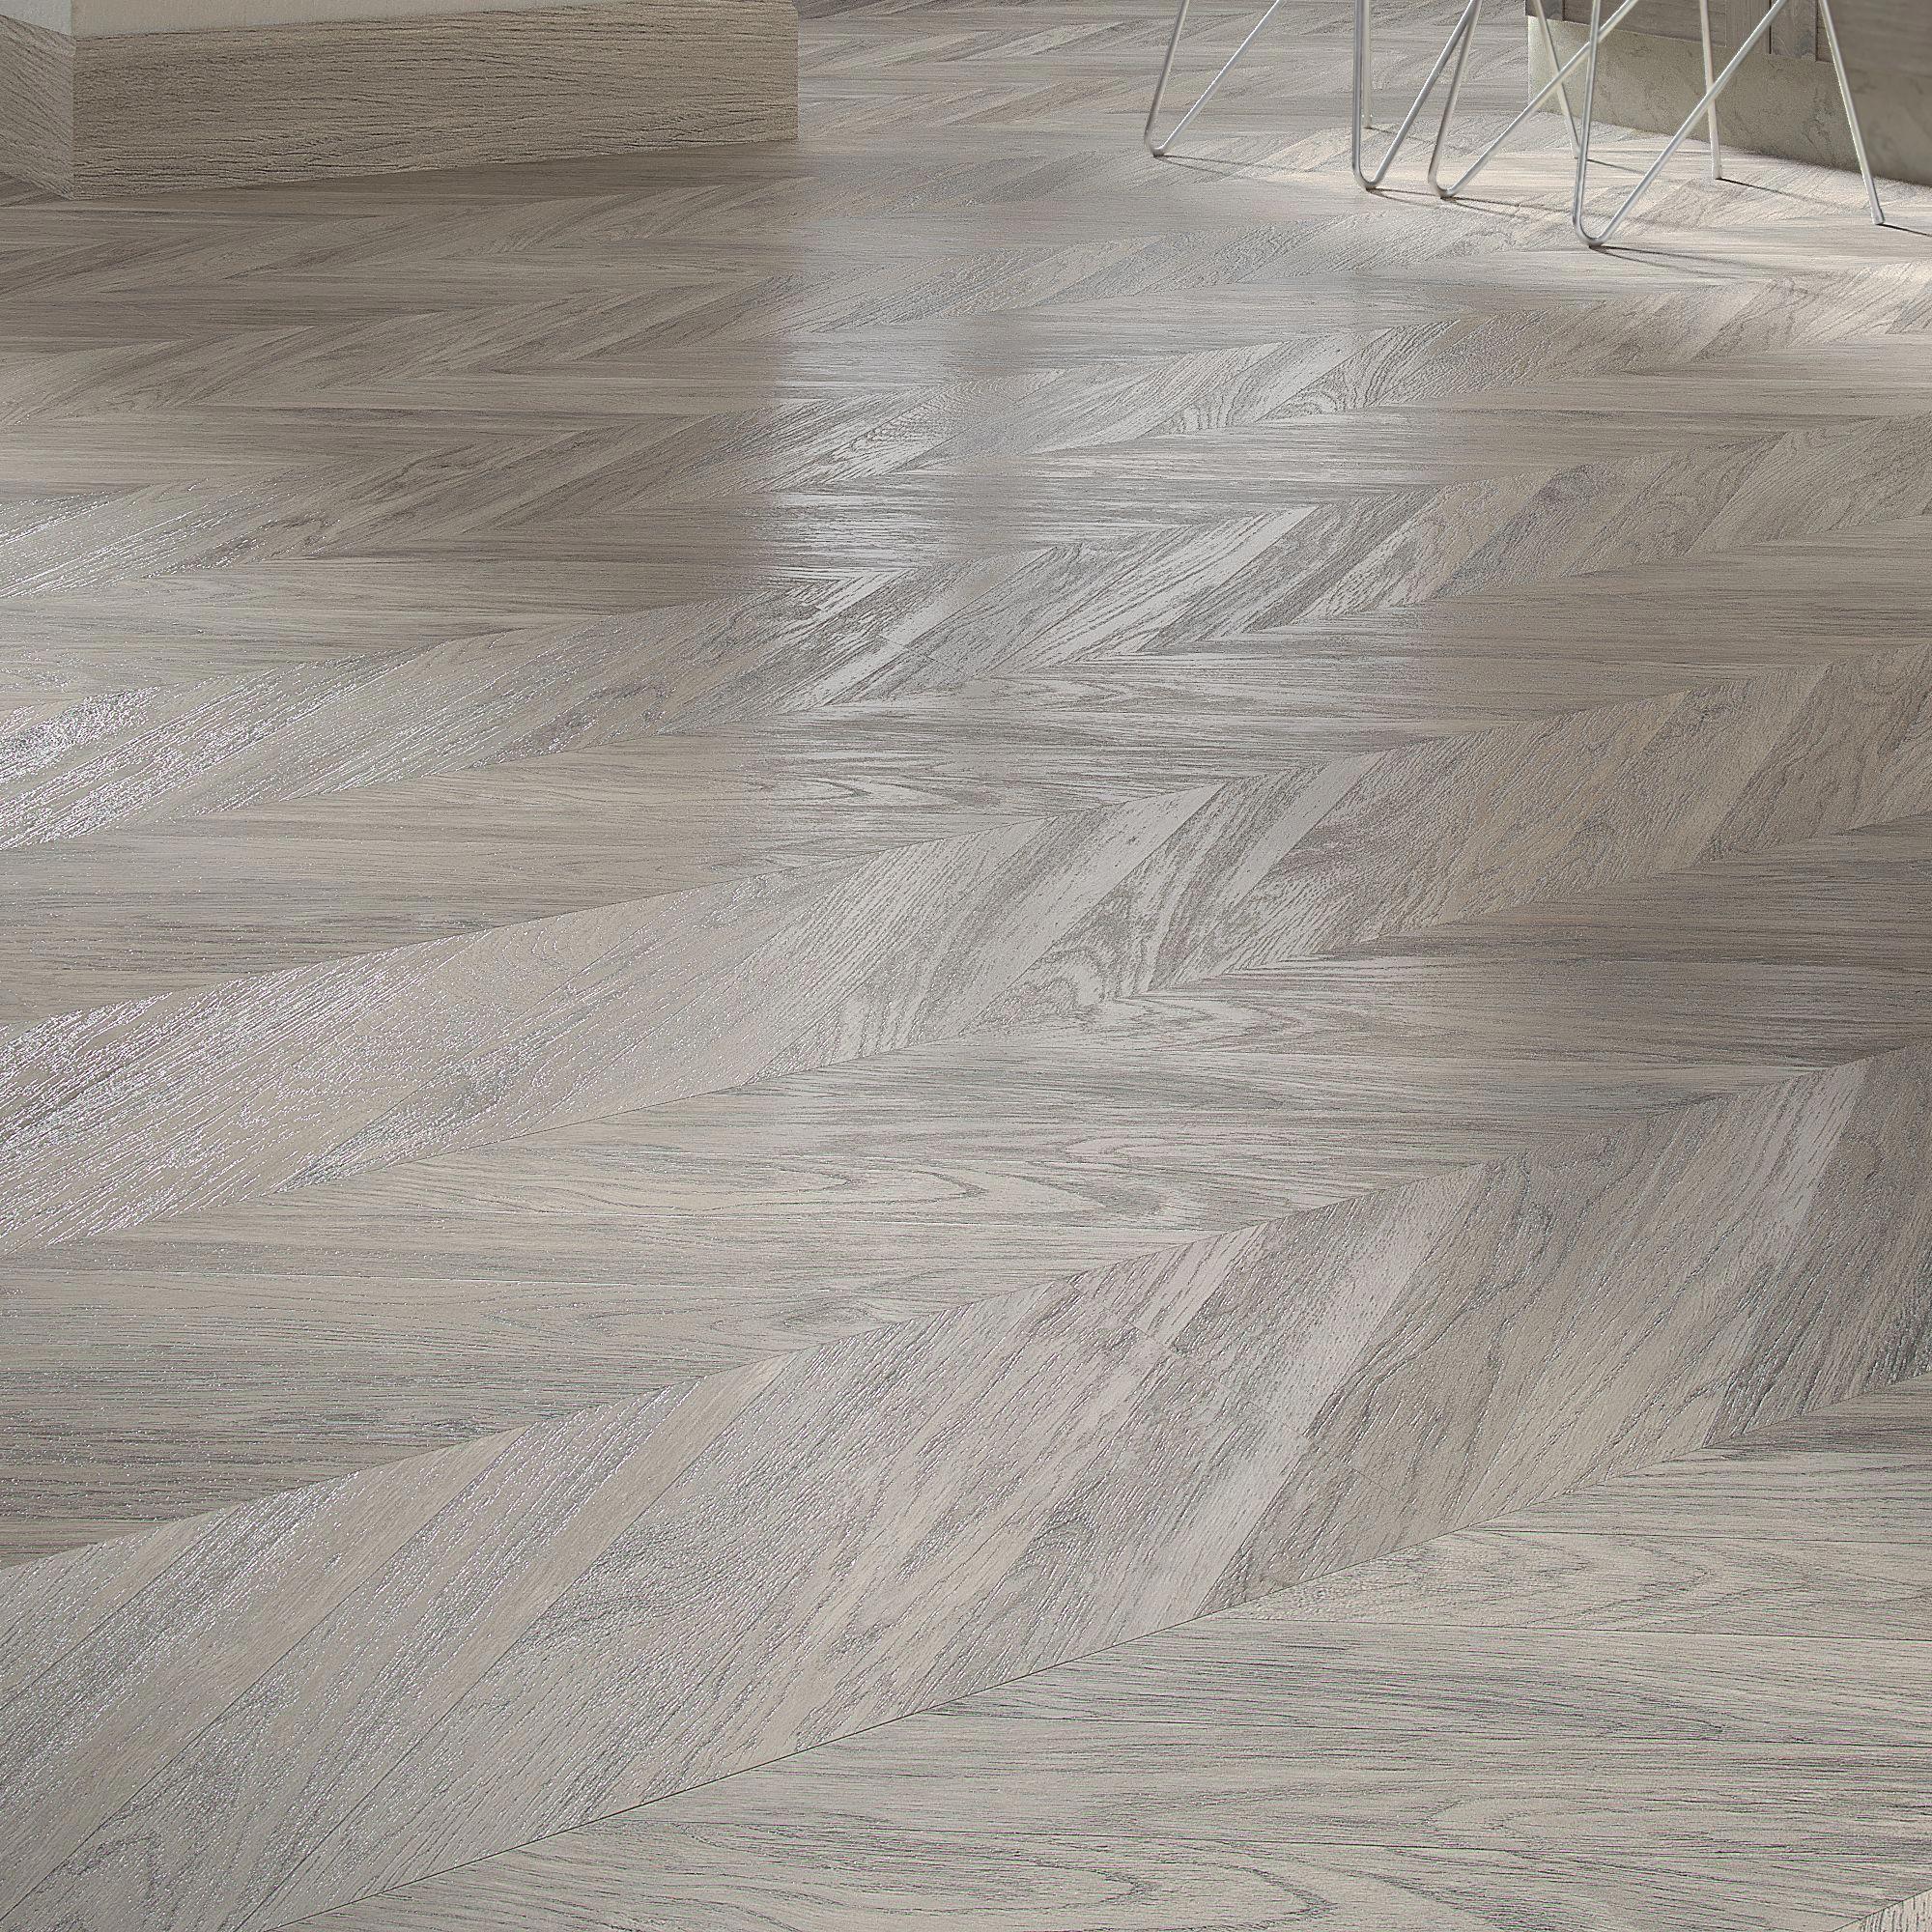 Alessano Herringbone Grey Embossed Laminate Flooring 1.39